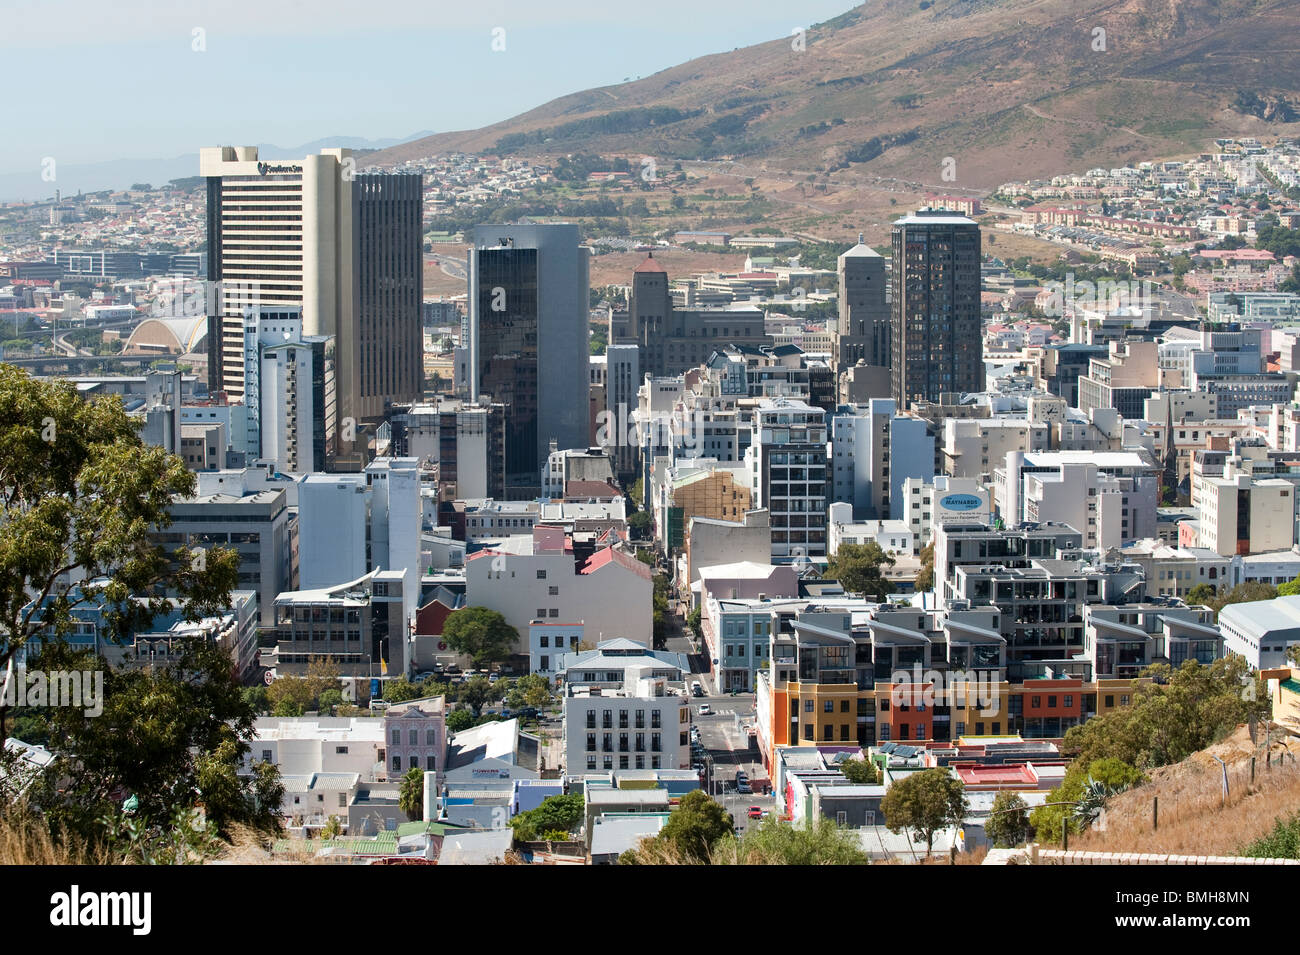 Centro di Città del Capo Western Cape Sudafrica Immagini Stock